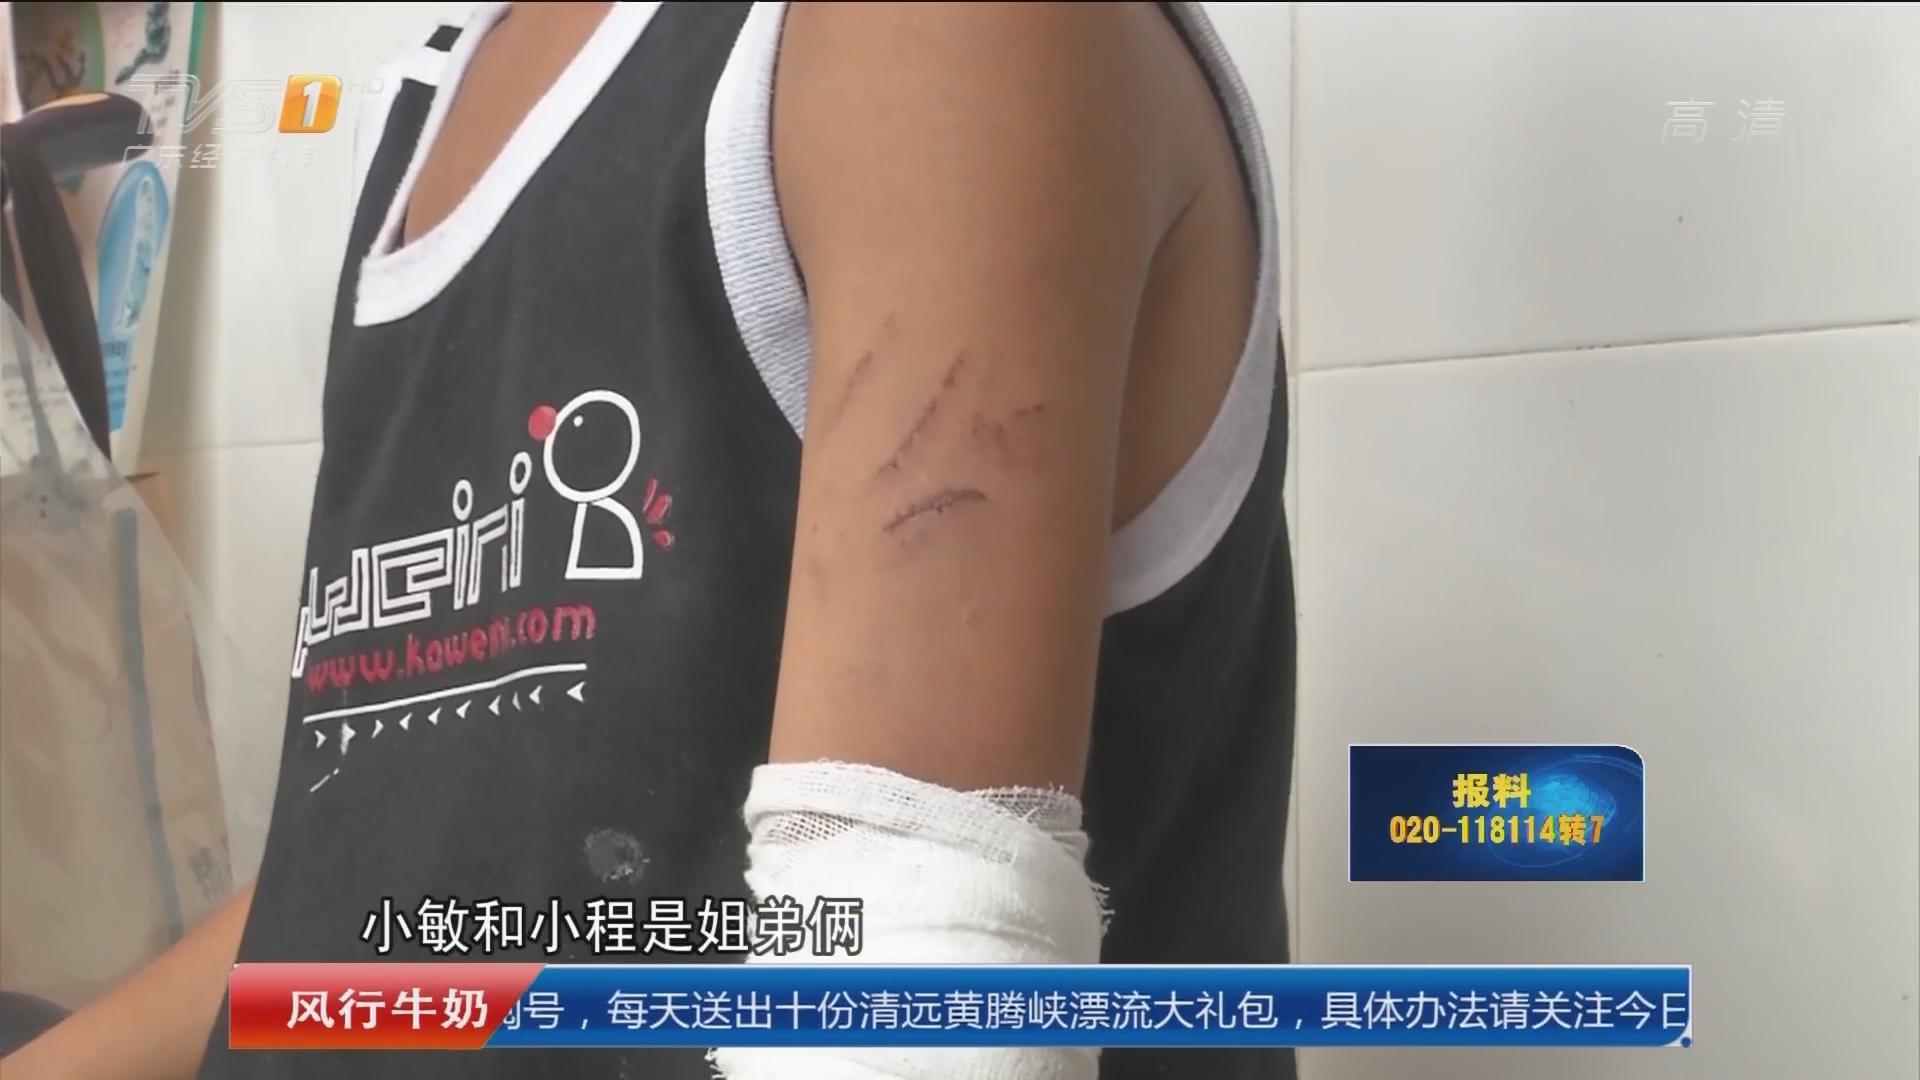 揭阳普宁:小姐弟遭虐打满身伤 政府介入